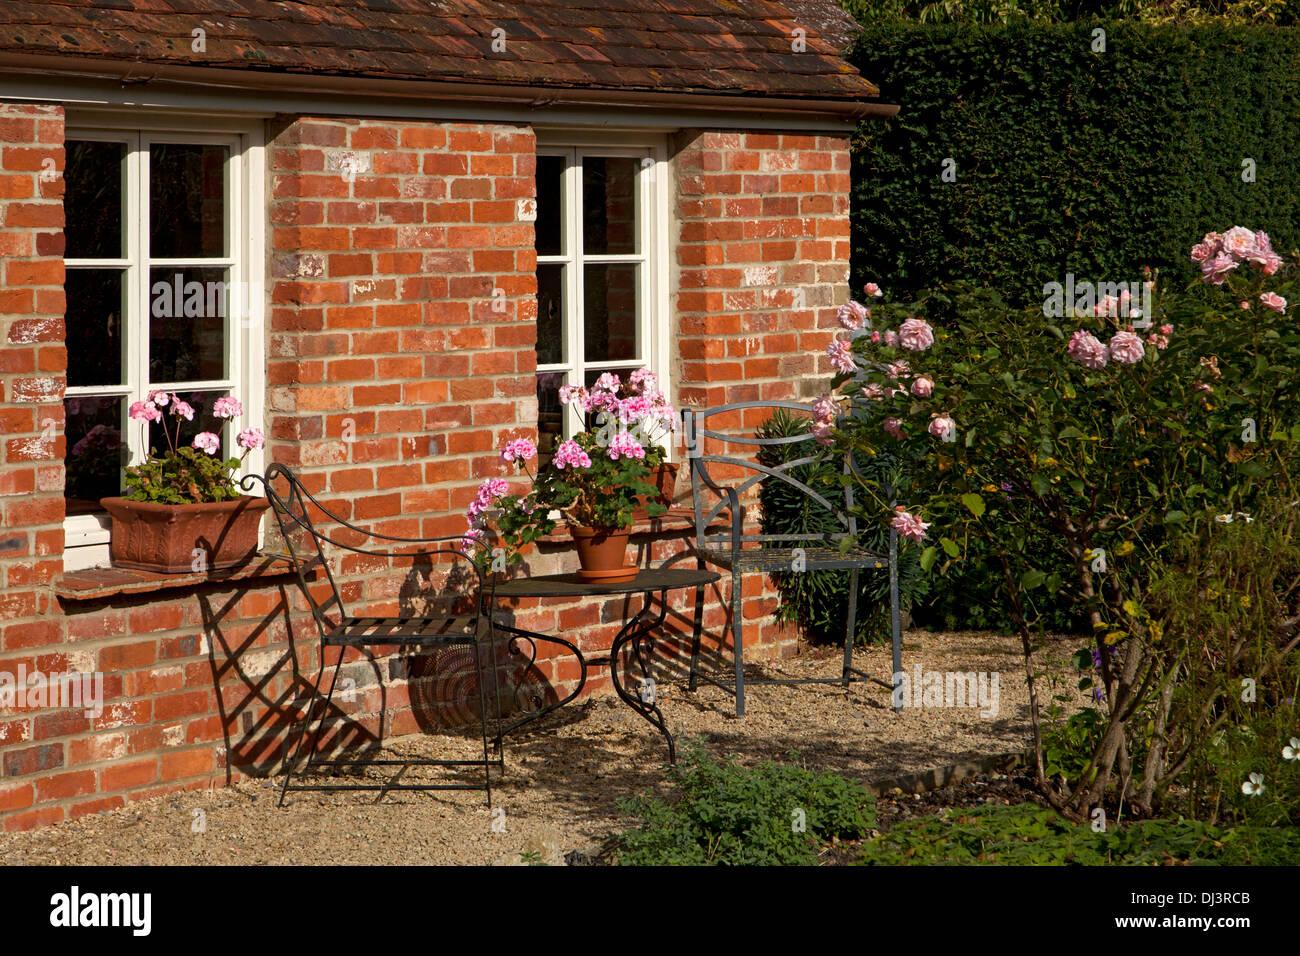 Jardín de la casa de ladrillo de estilo victoriano con muebles de ...